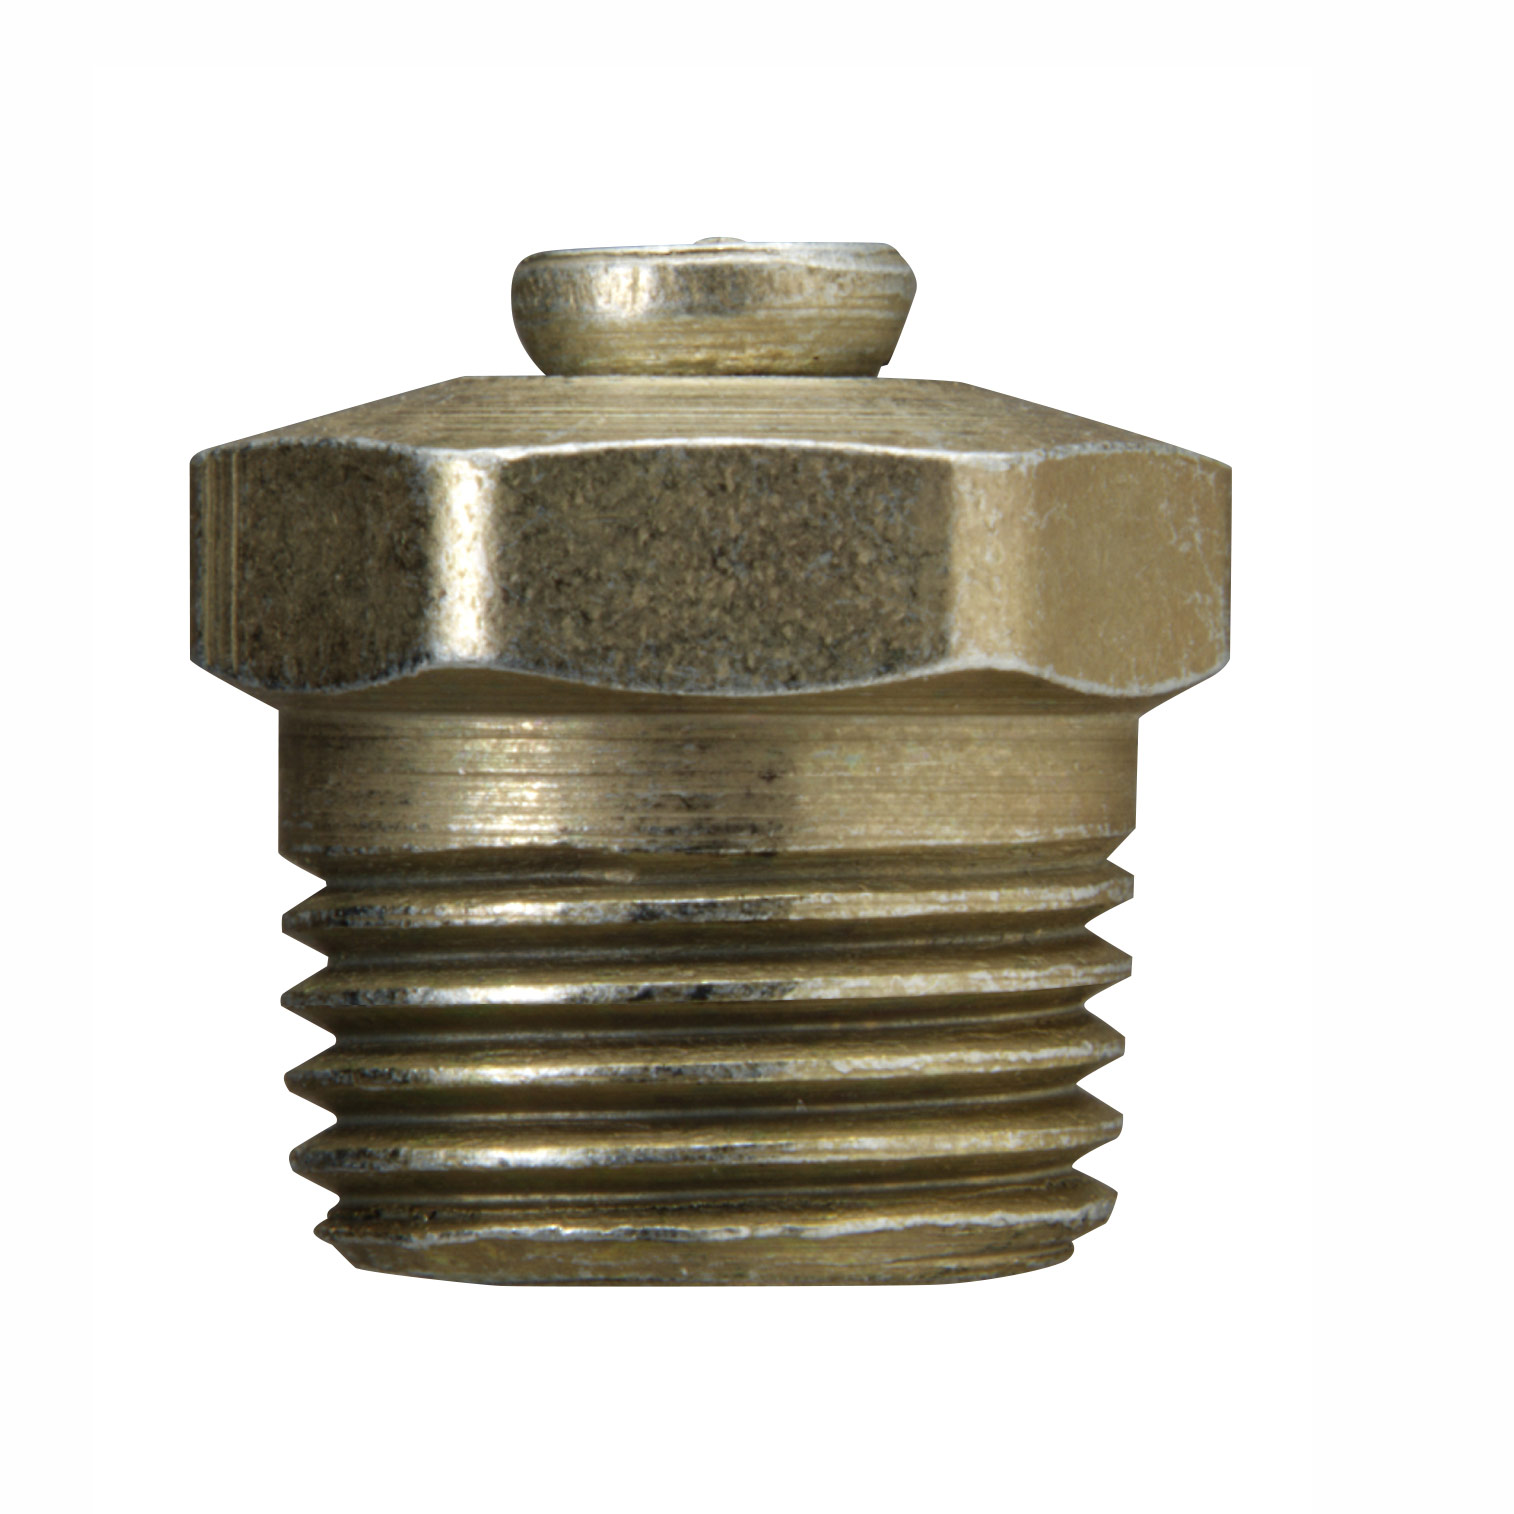 英国标准管螺纹溢流阀油嘴